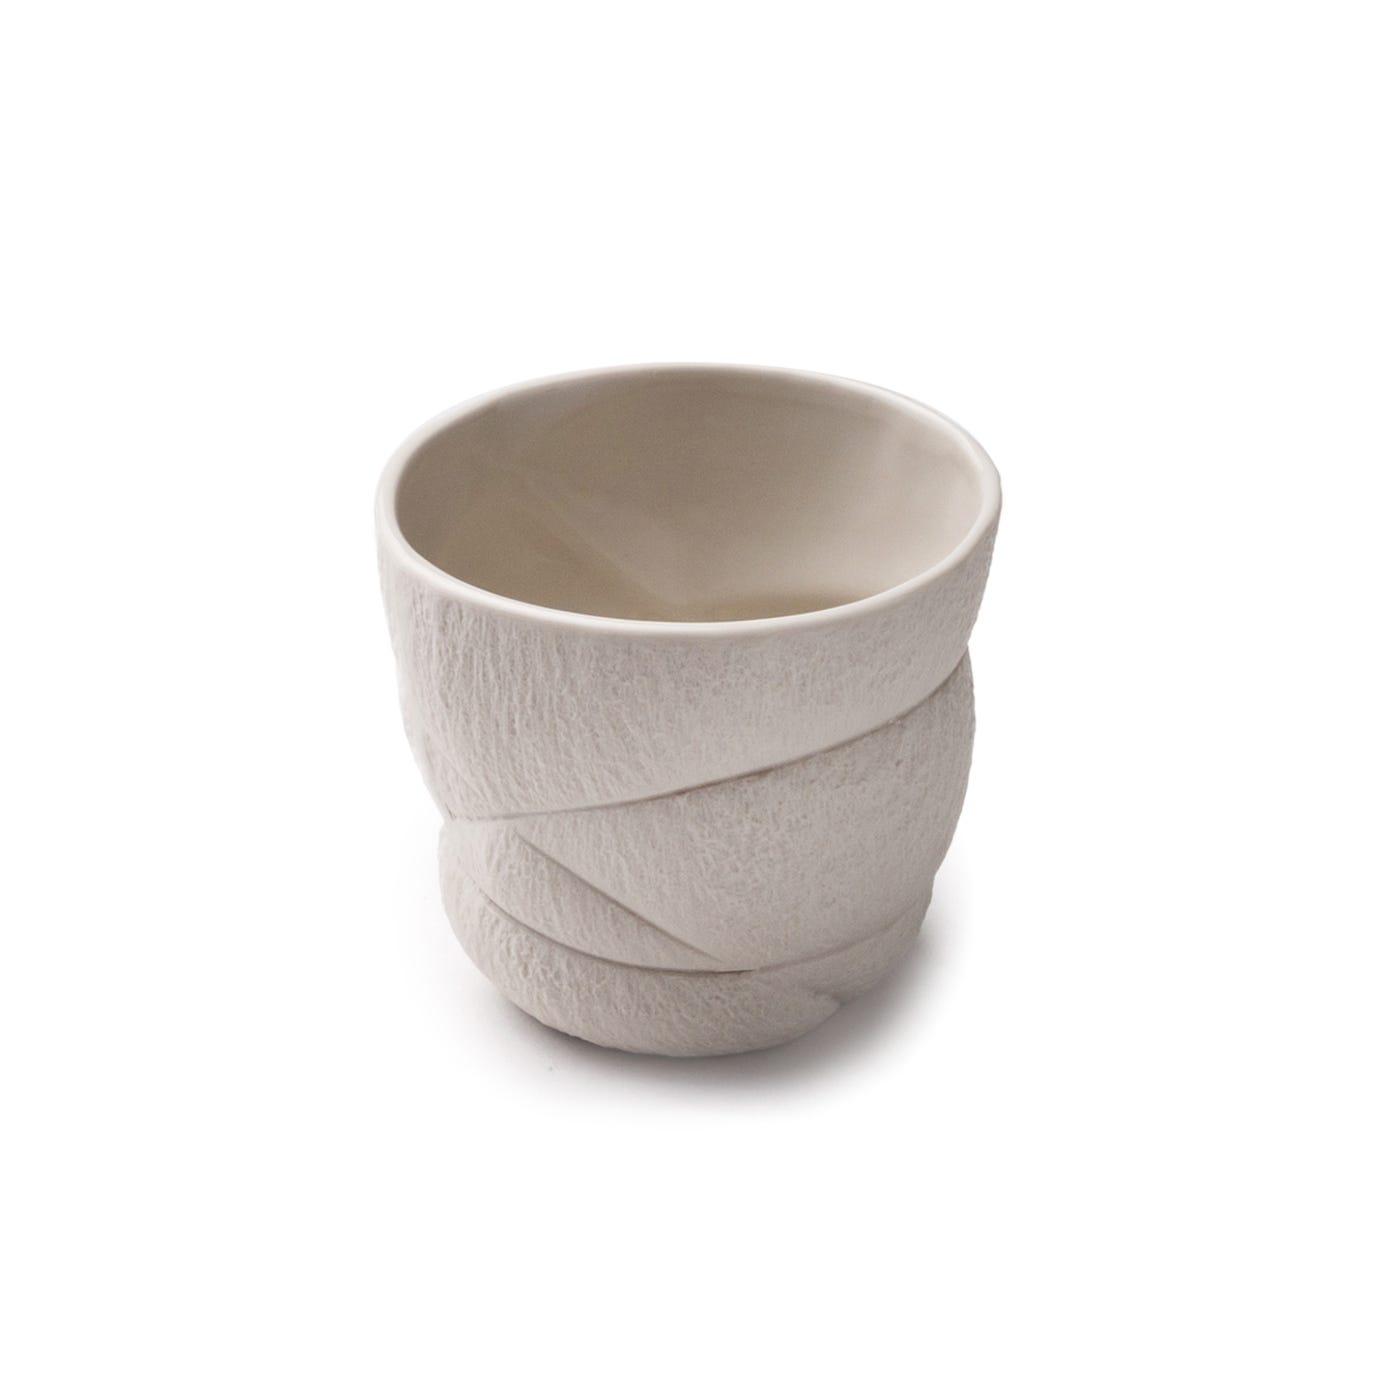 Succession Mug White -  DISCONTINUED